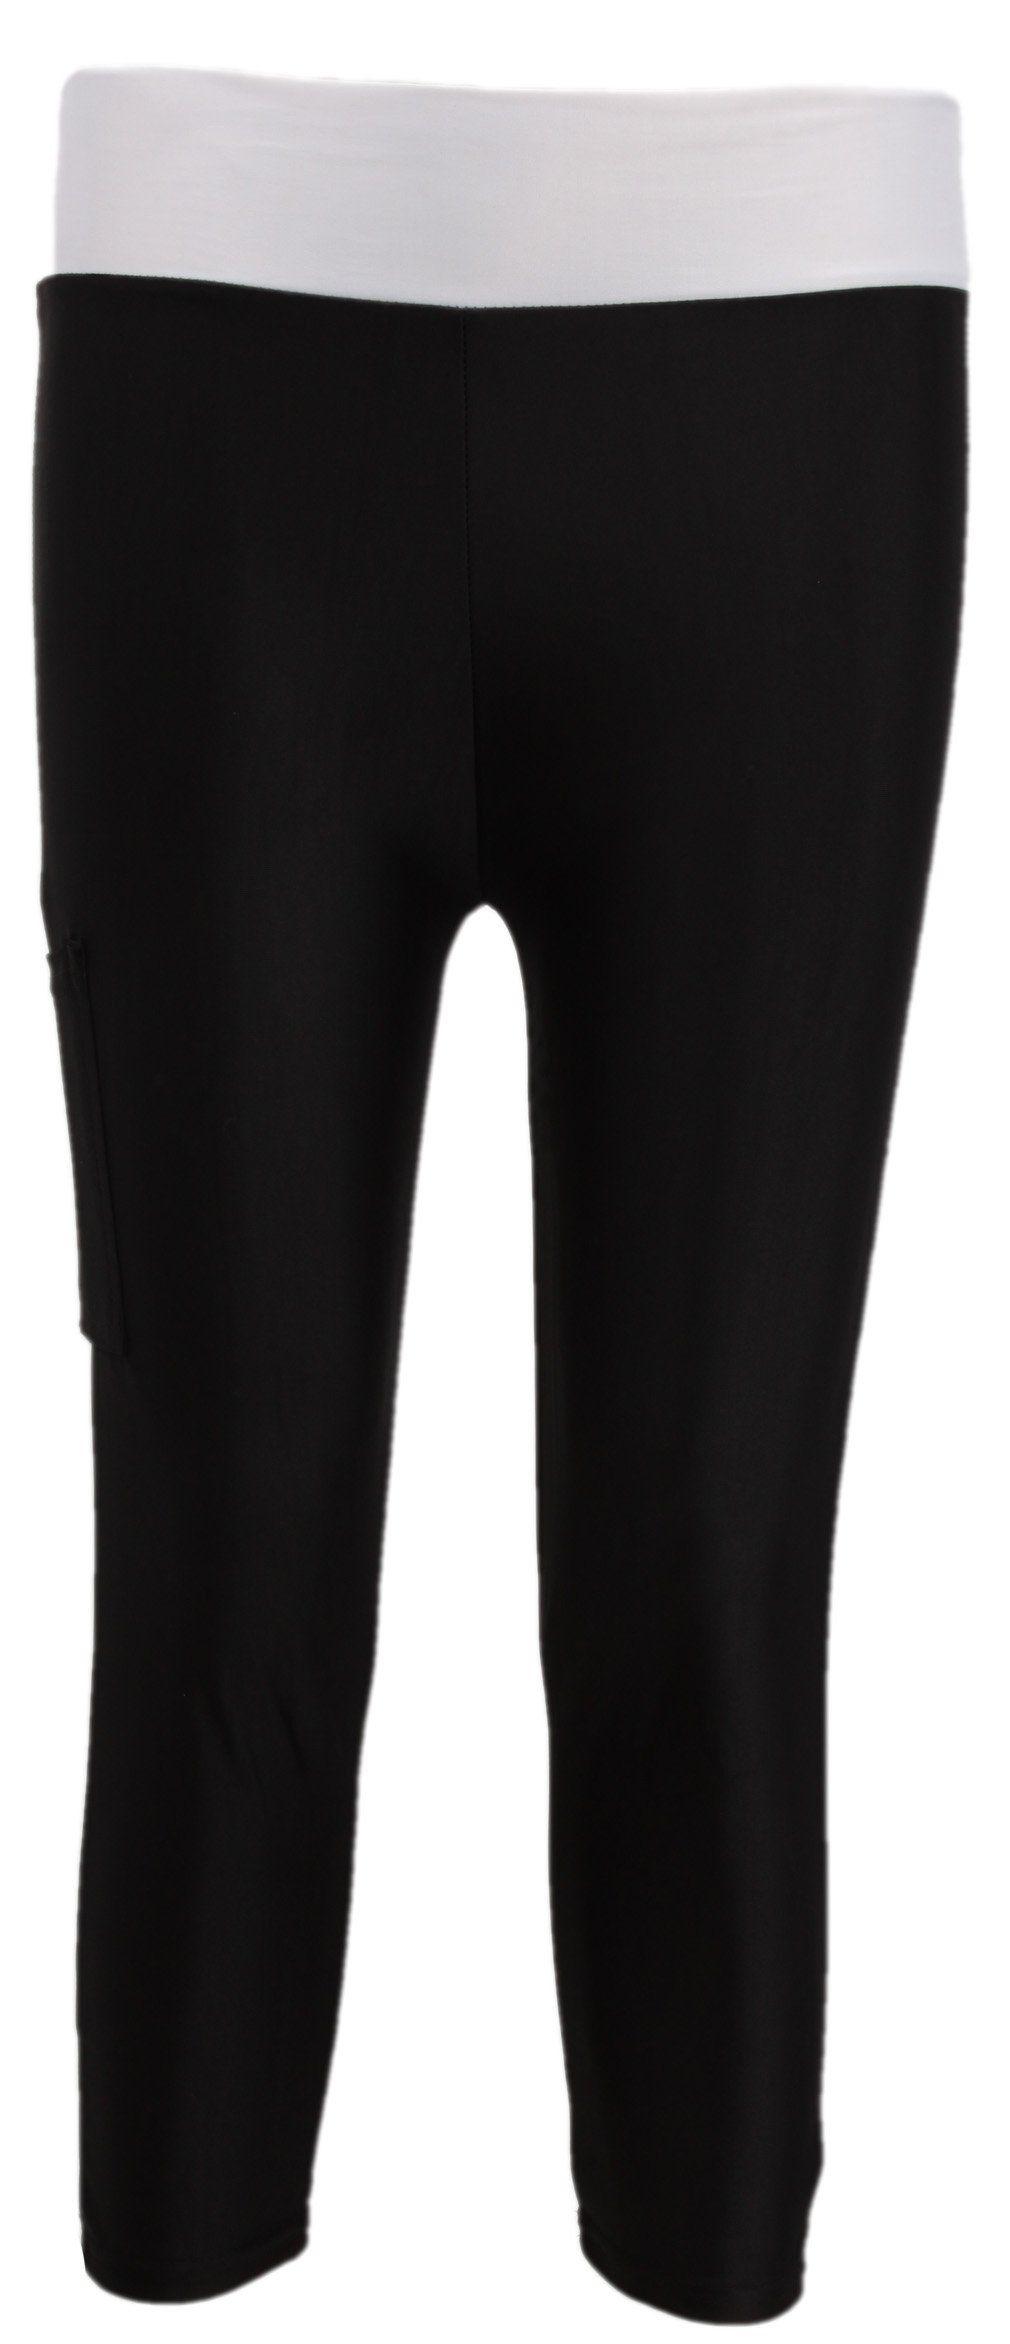 Hengsong - Women's Tights Running Yoga Sport Pants Fitness Gym Leggings (S, Black)